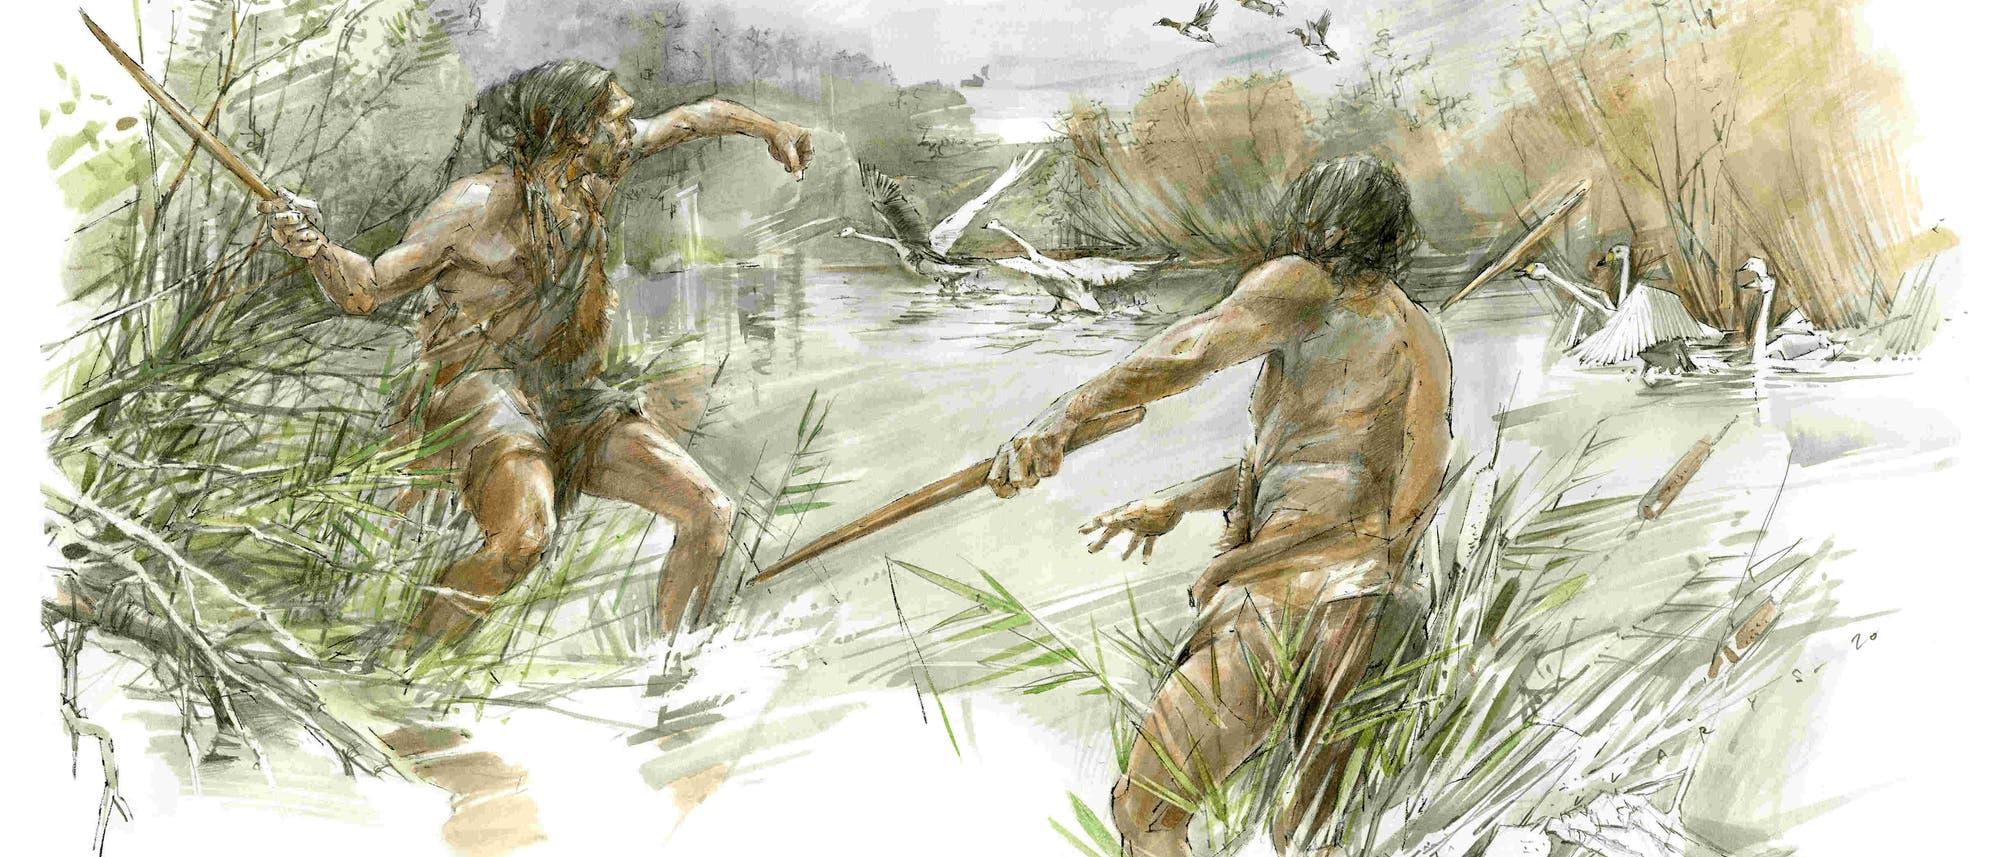 Die Eiszeitjäger setzen den Wurfstock möglicherweise zur Jagd auf Wasservögel ein.